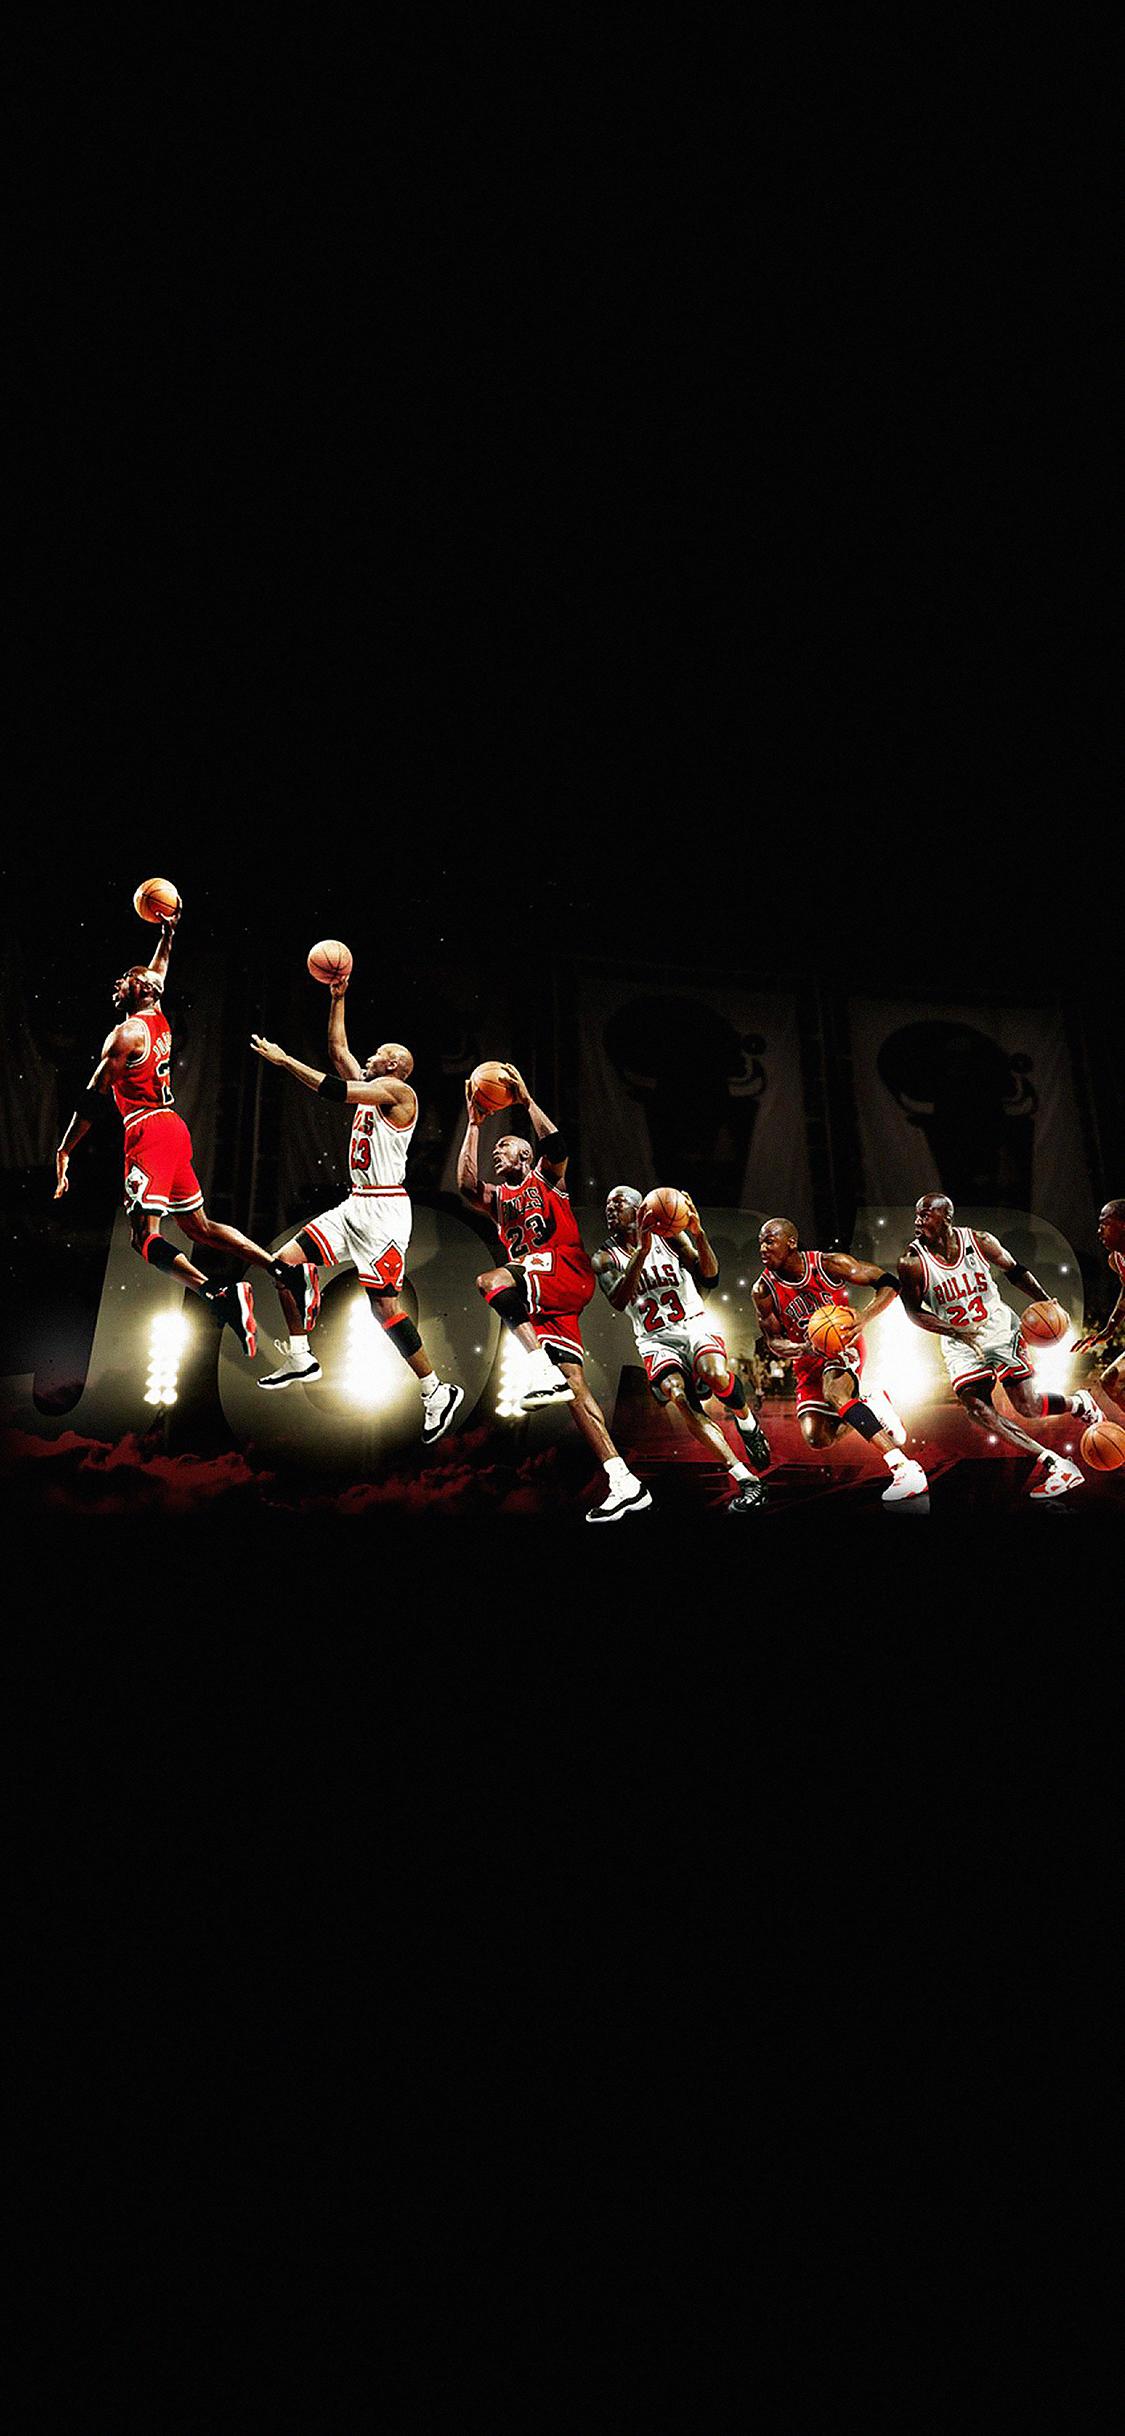 Iphonexpapers Hd30 Michael Jordan Dunk Legend Nba Sports